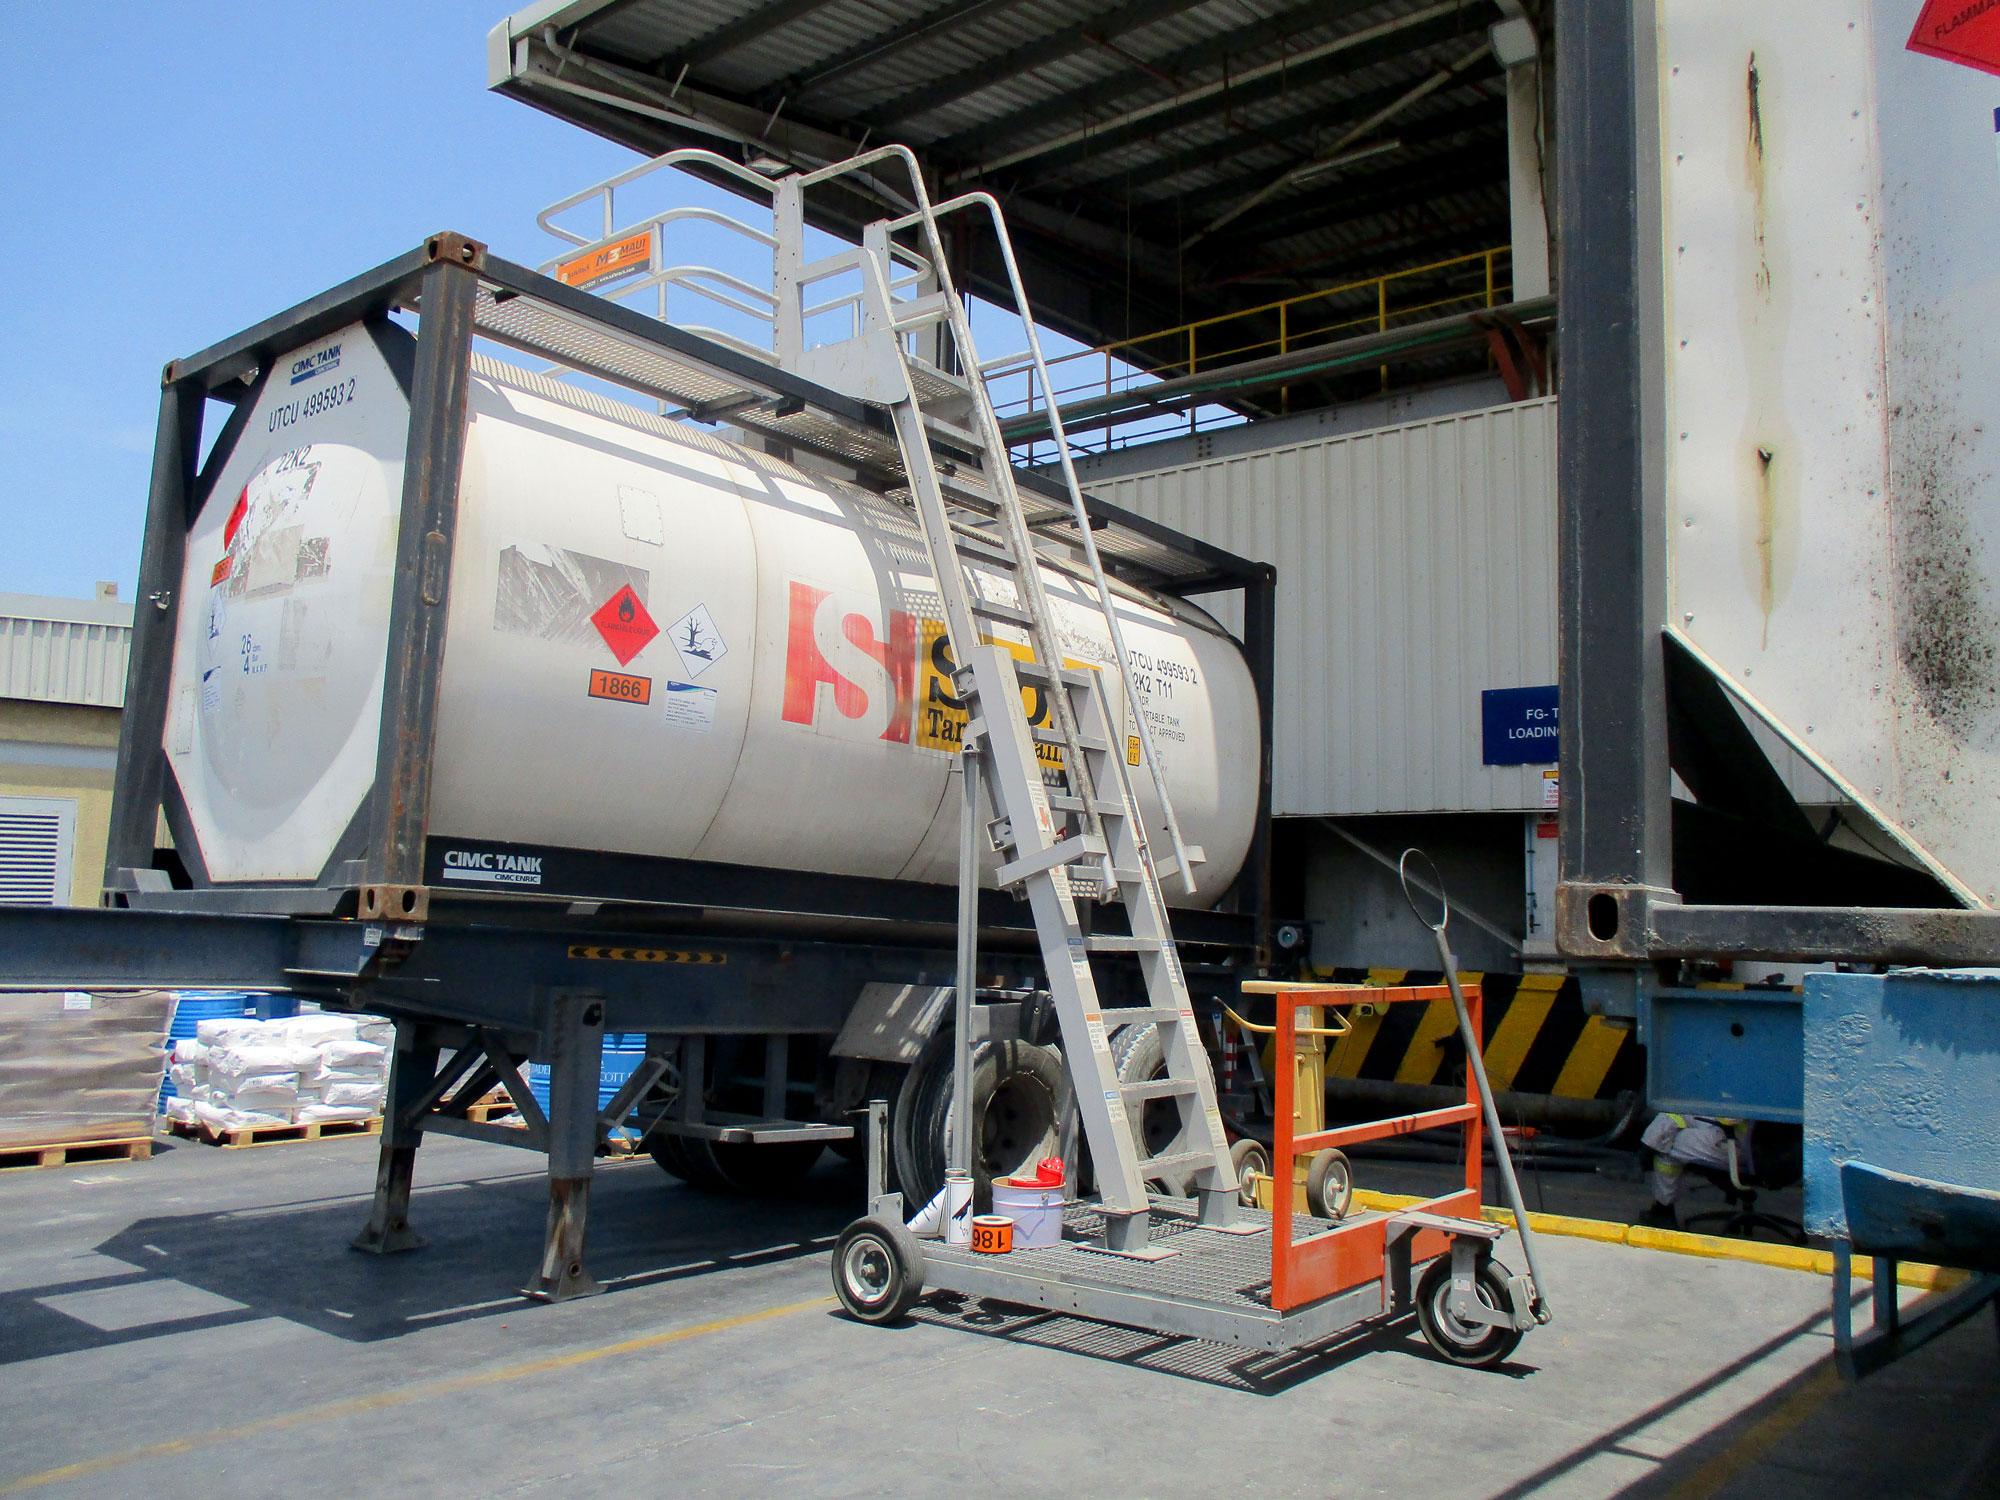 Đây là cont chuyên dụng vân chuyển hàng nguy hiểm dễ cháy nổ với chất liệu làm bằng nhôm, inox, hoặc thép độ bền cao